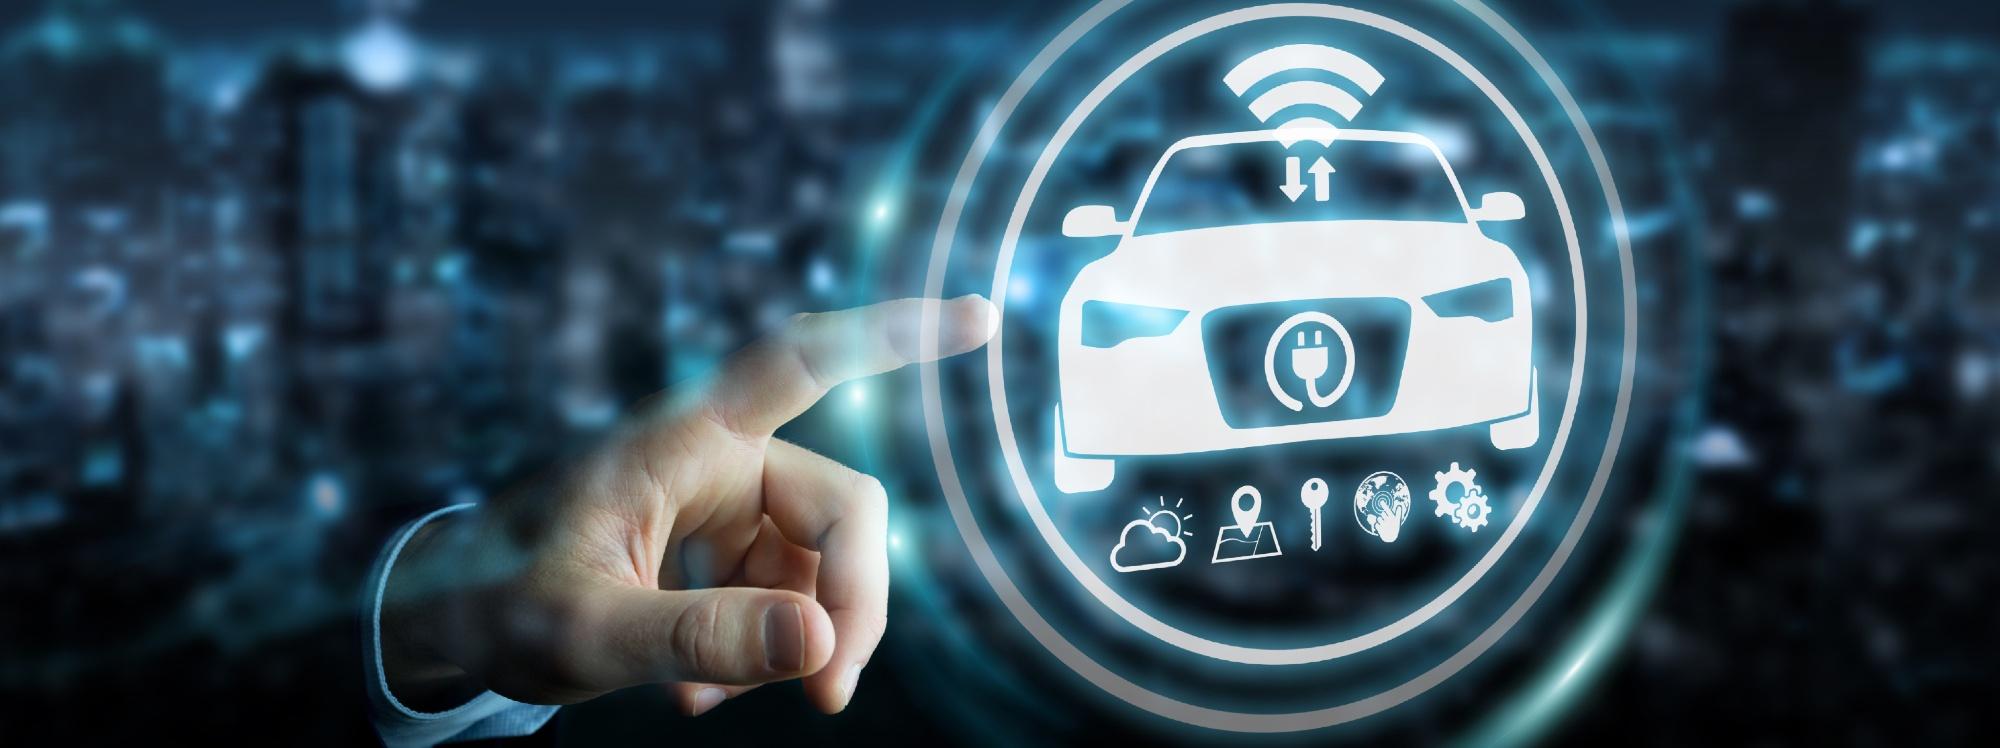 iCar: los proveedores dicen que el auto de Apple se presentará en 2021